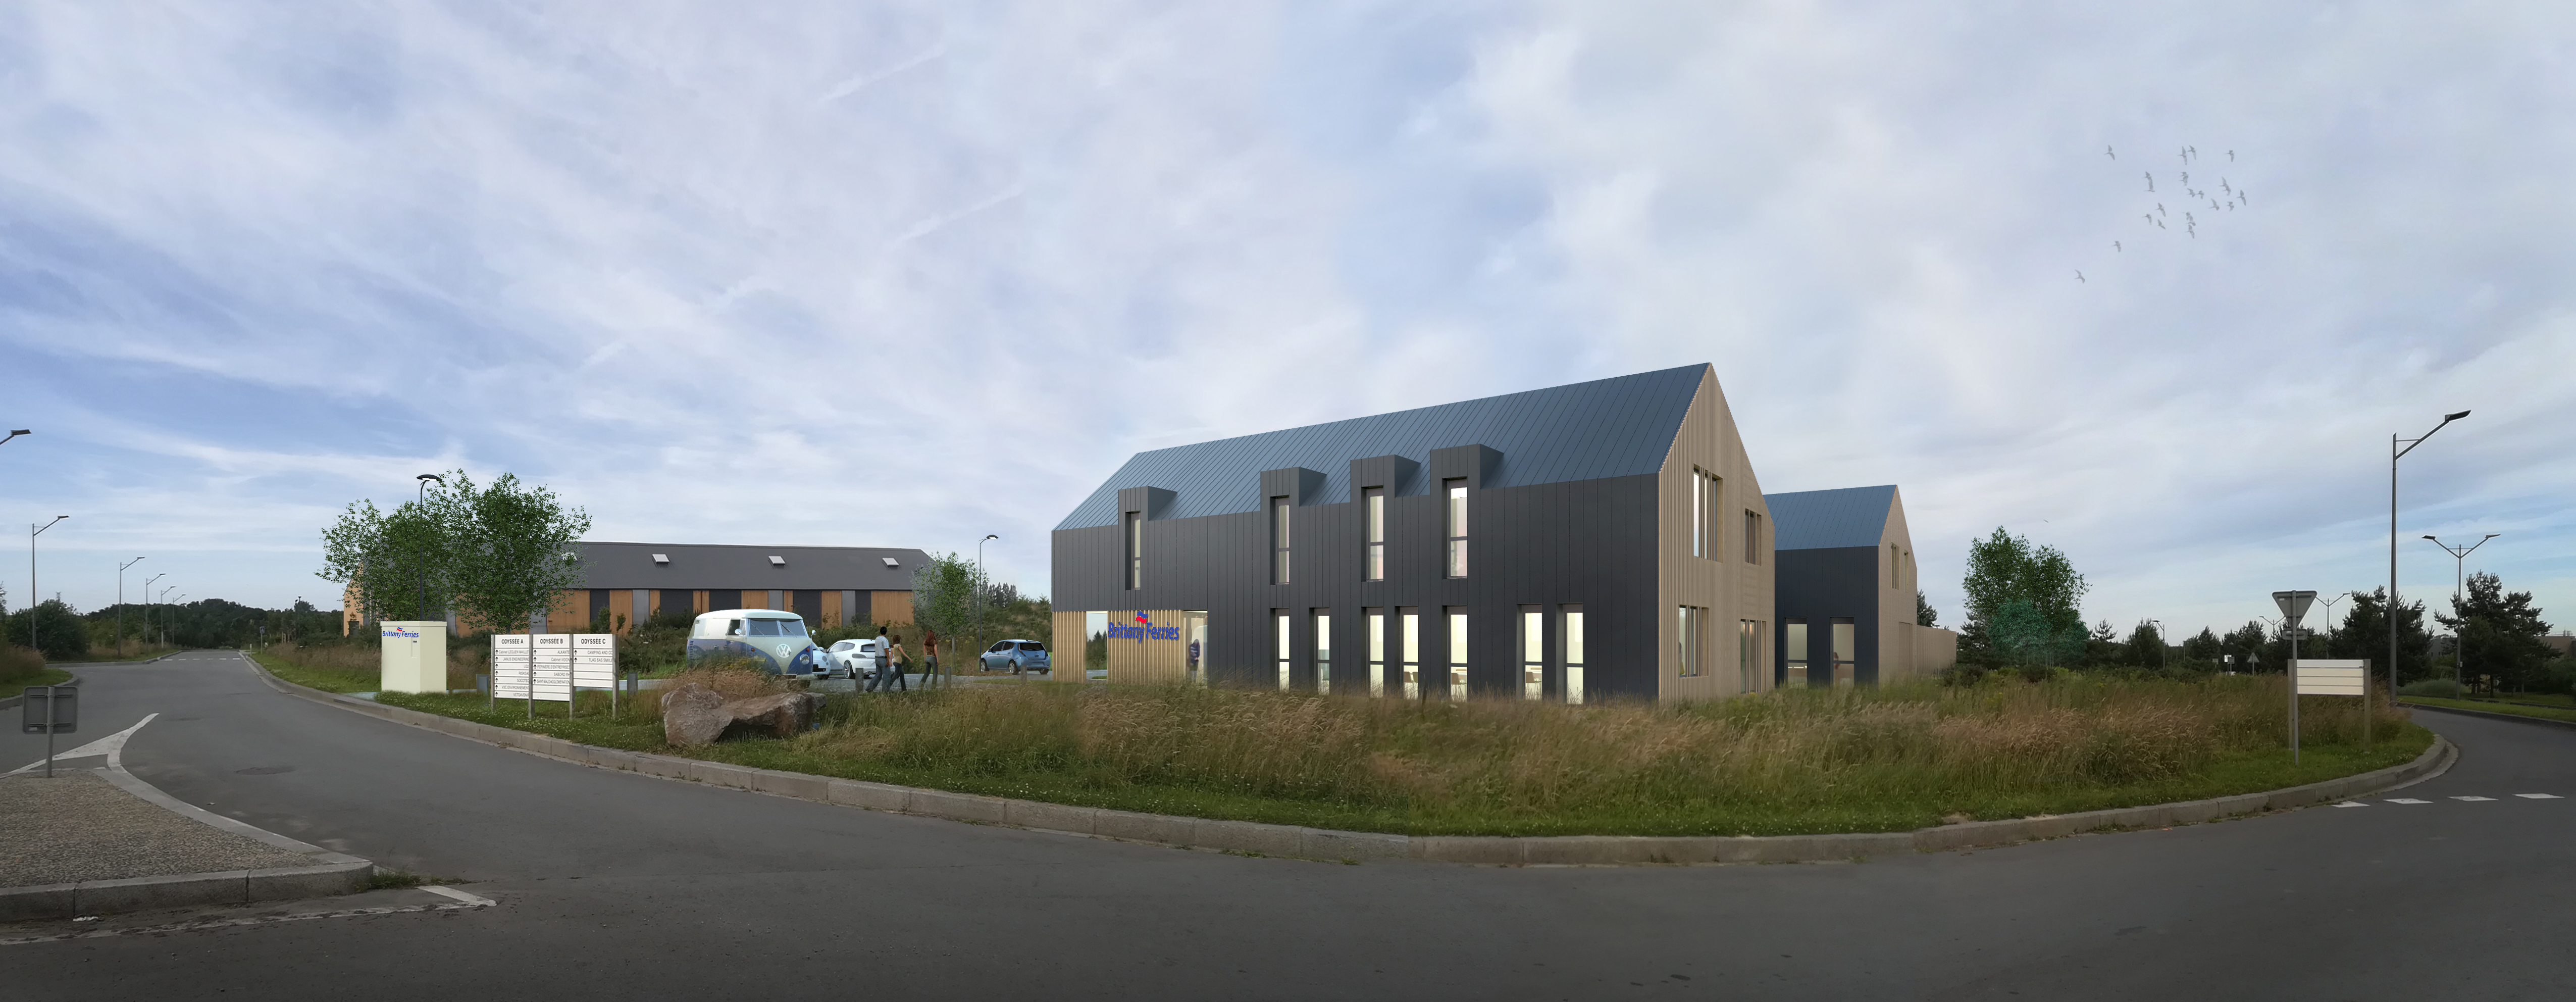 Planing, filiale du Groupe Concept-Ty, installe la nouvelle antenne de Brittany Ferries<